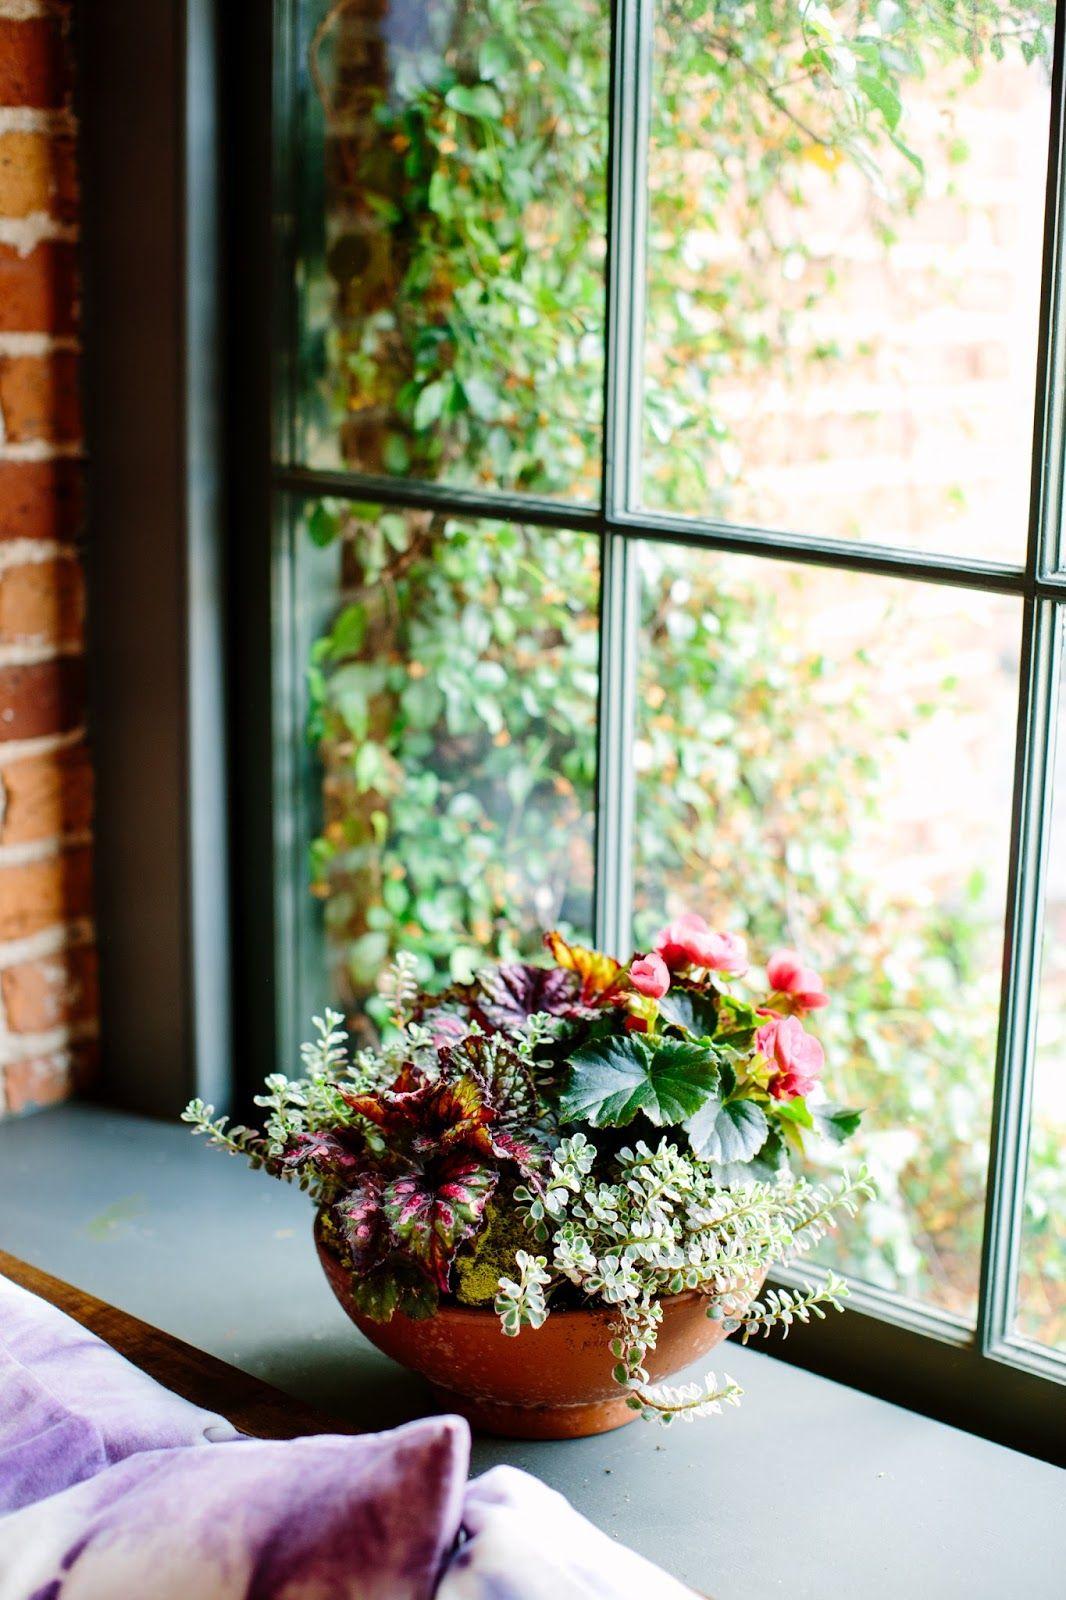 картинки окна с растениями нога свидетельствует